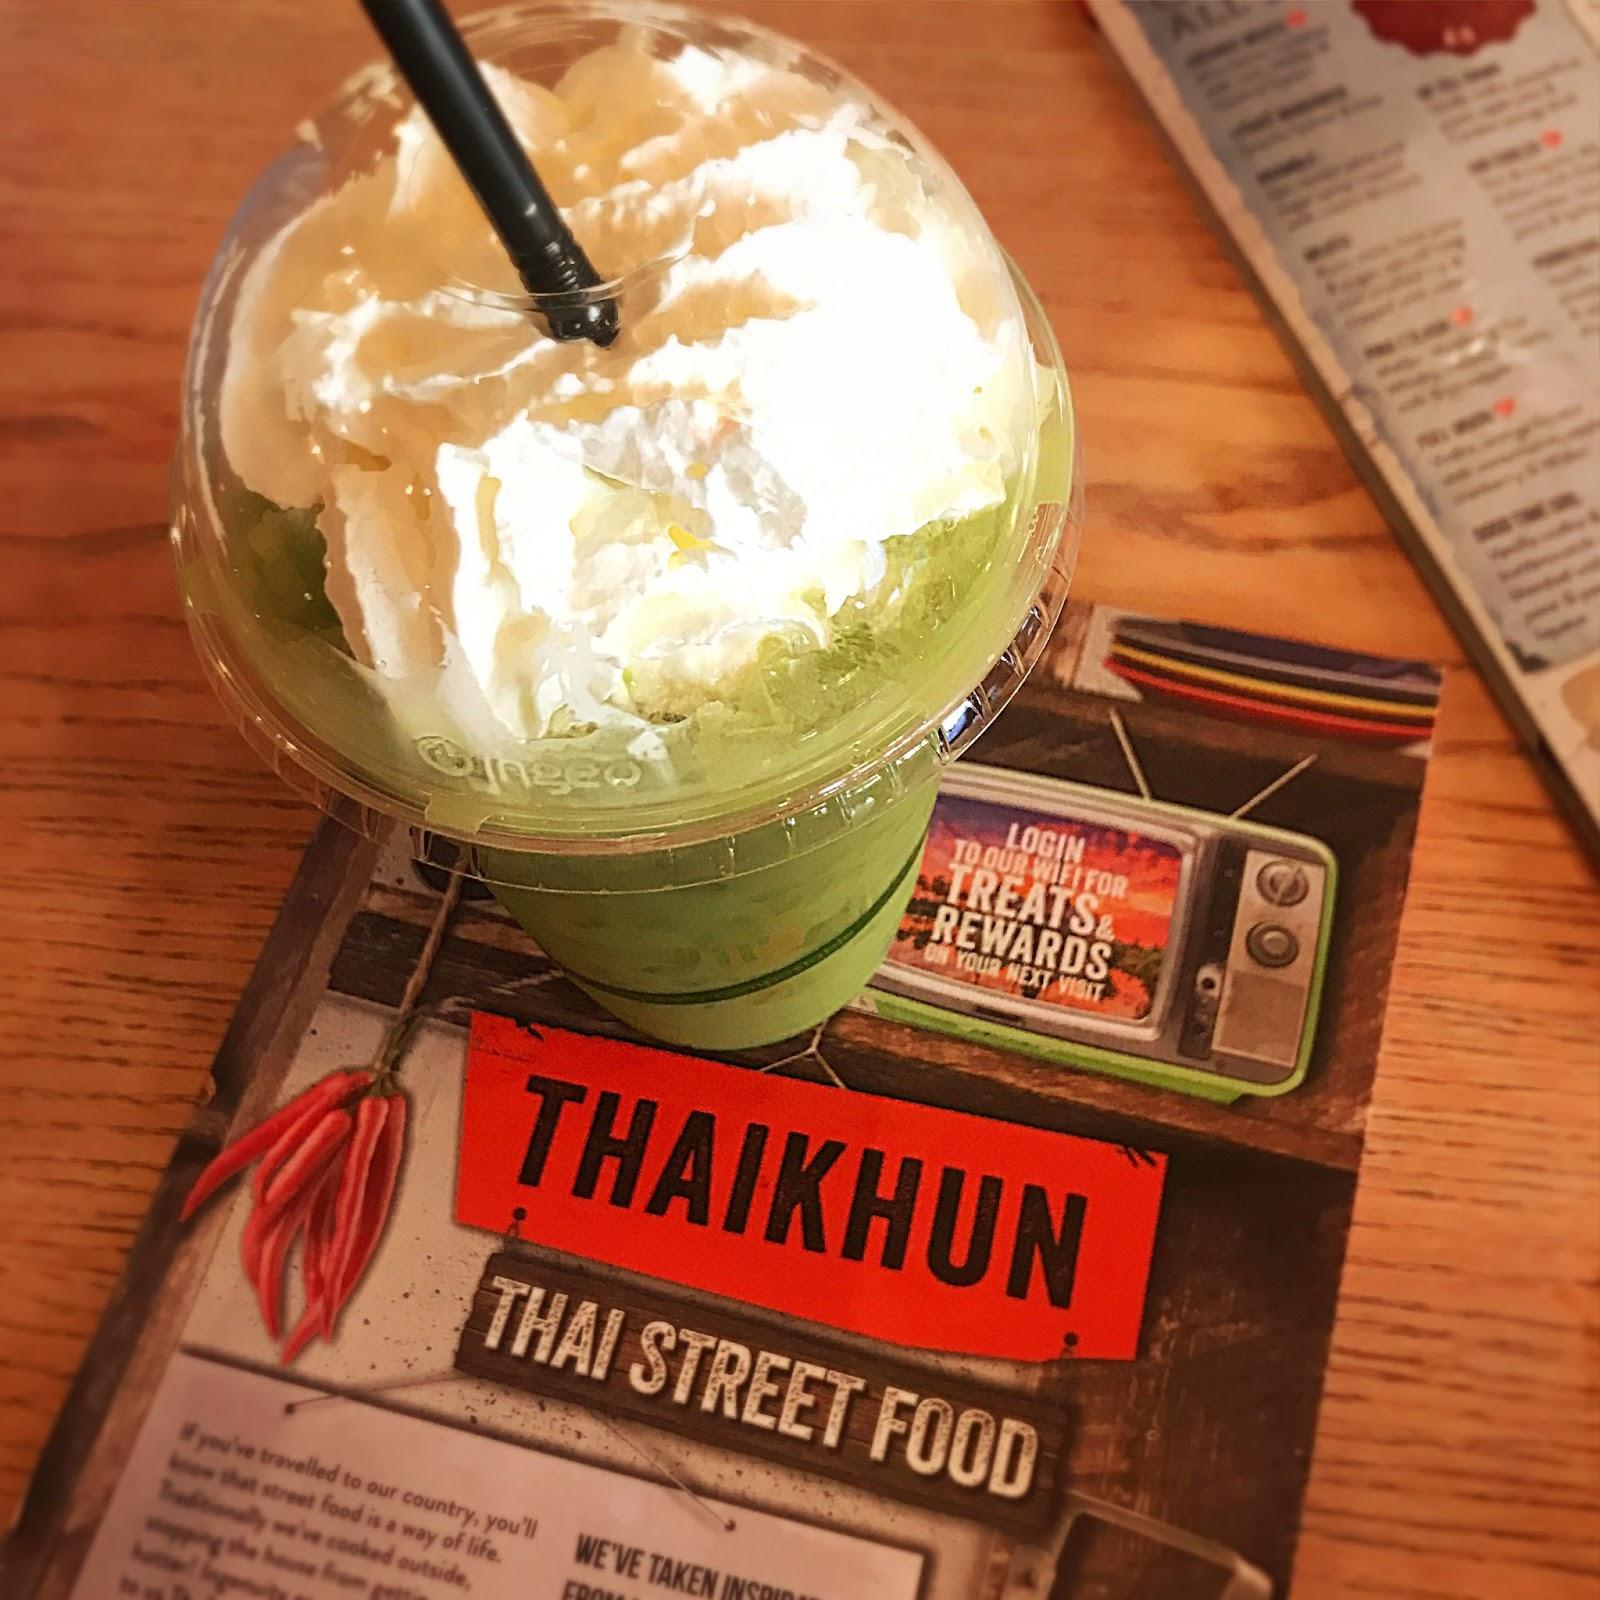 Matcha Green Iced Tea - Thaikhun